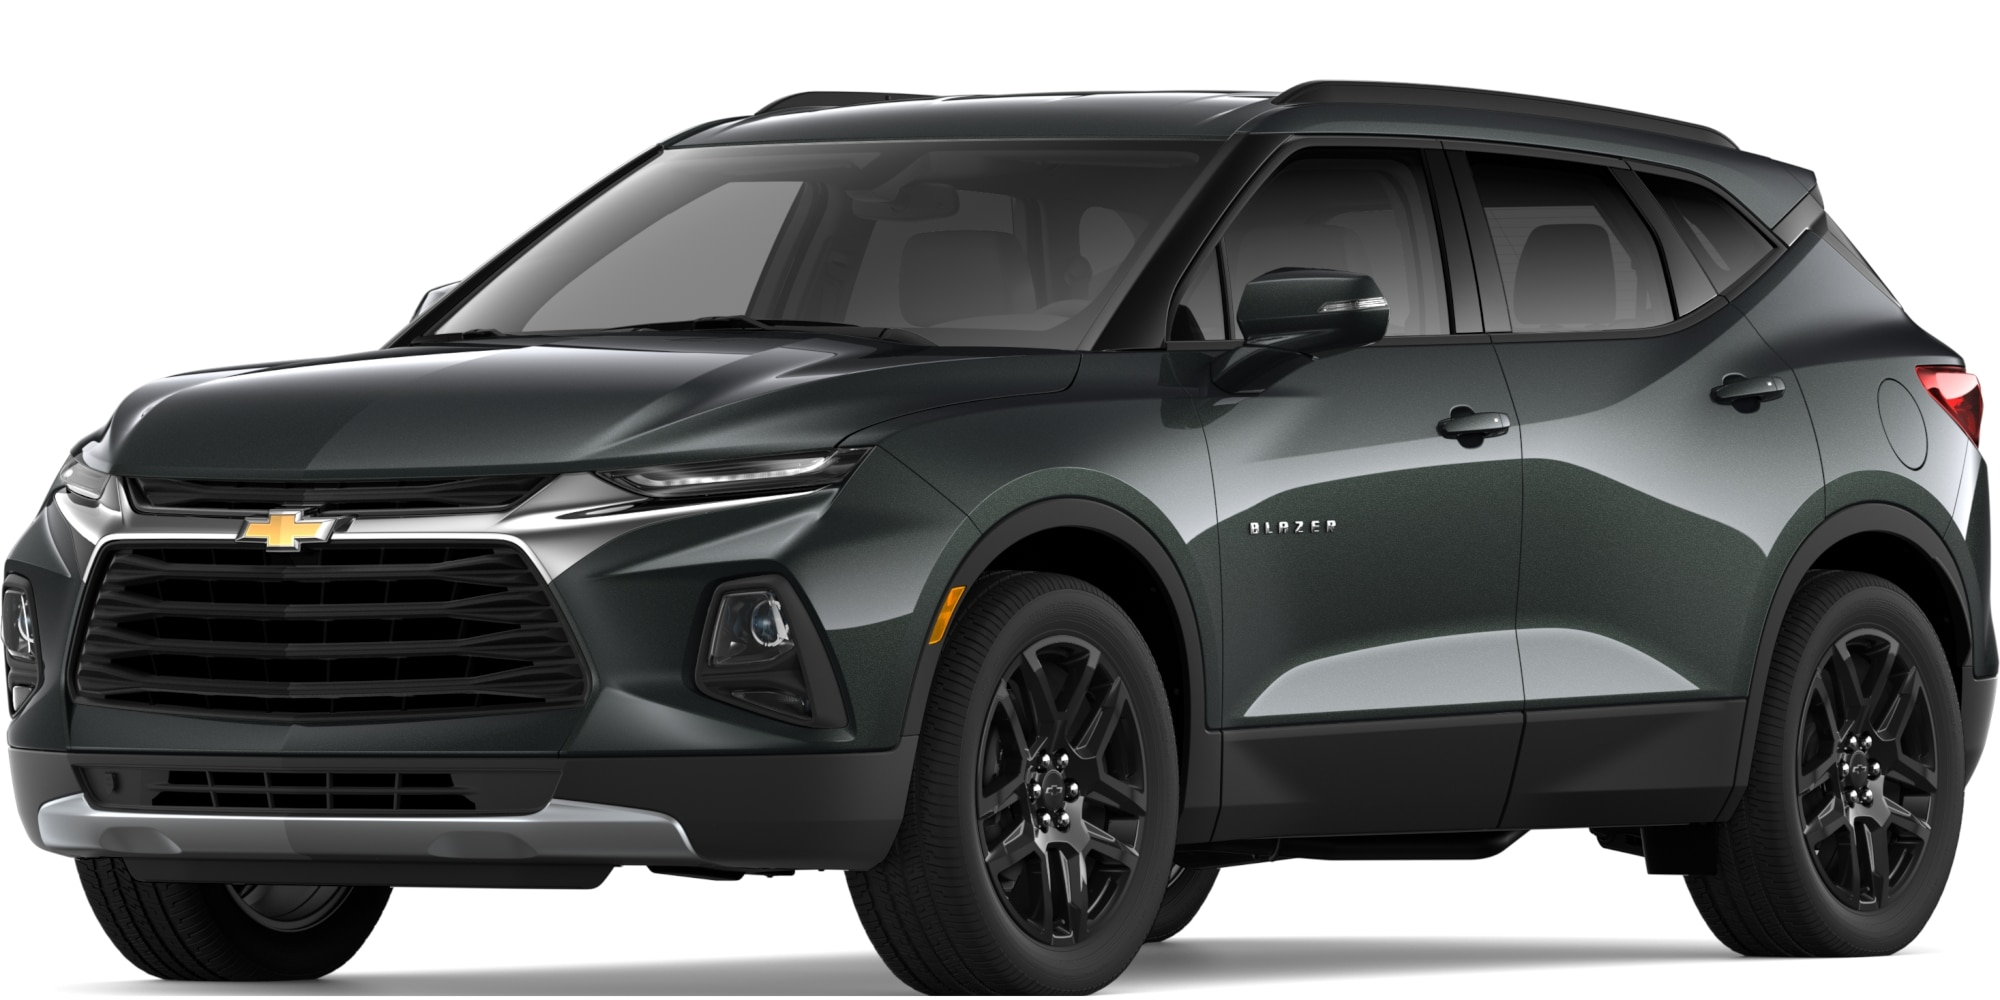 SUV deportiva Blazer 2019 totalmente nueva: Vista delantera de RS